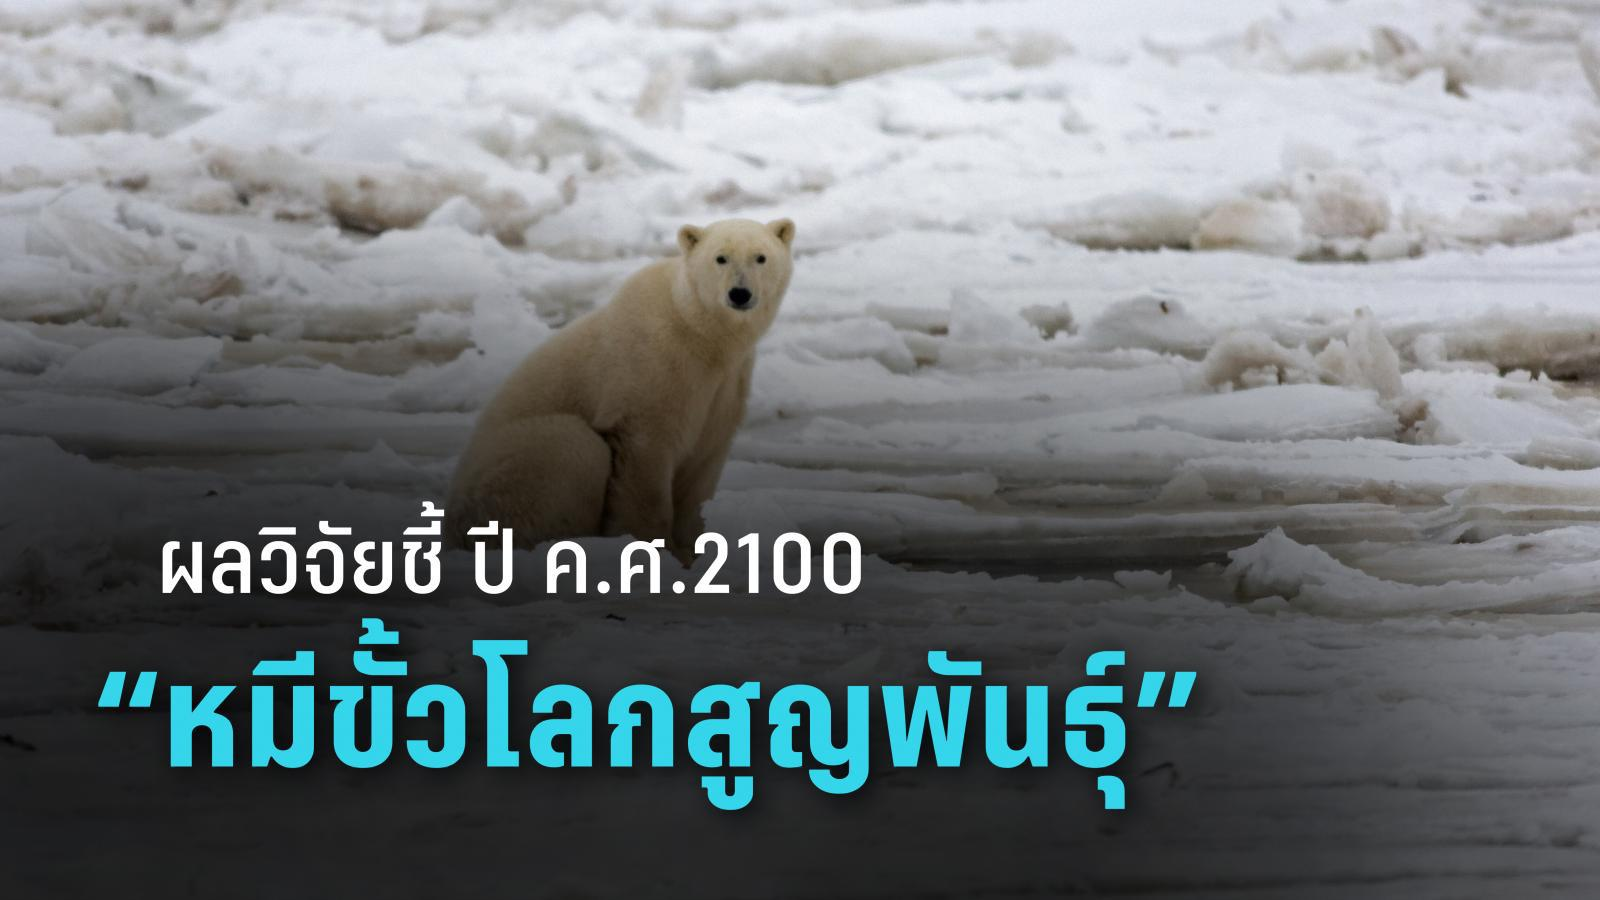 ผลวิจัย ชี้ ภาวะเรือนกระจก ส่งผลให้อีก 80 ปี หมีขั้วโลกอาจสูญพันธุ์